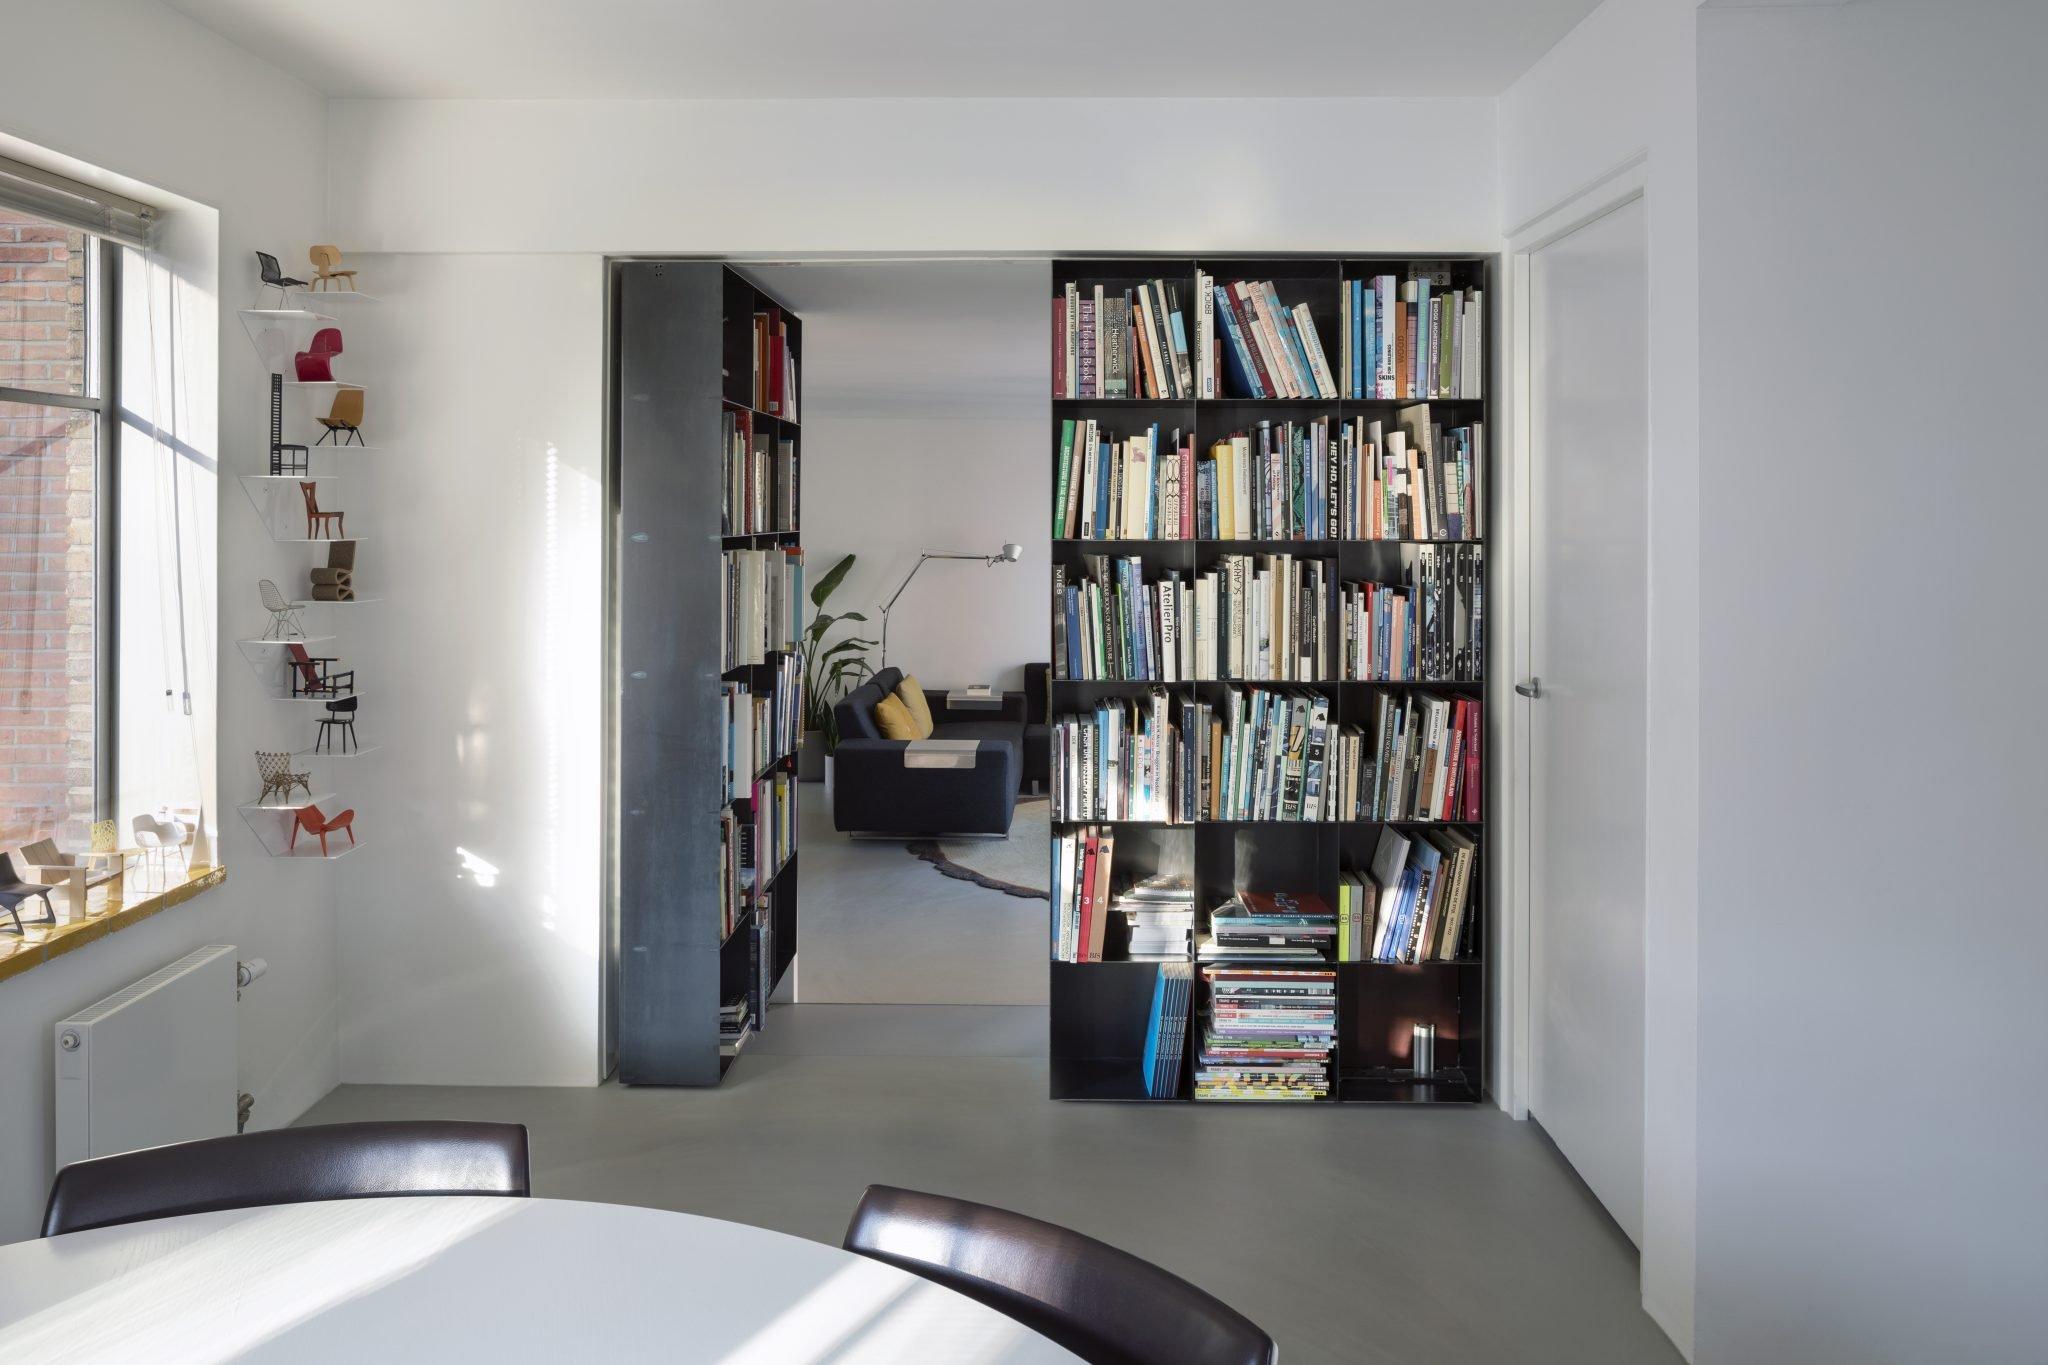 secret-pivoting-bookcase-with-fritsjurgens-pivot-hinge-system-left-door-opened-e1547731019518.jpg